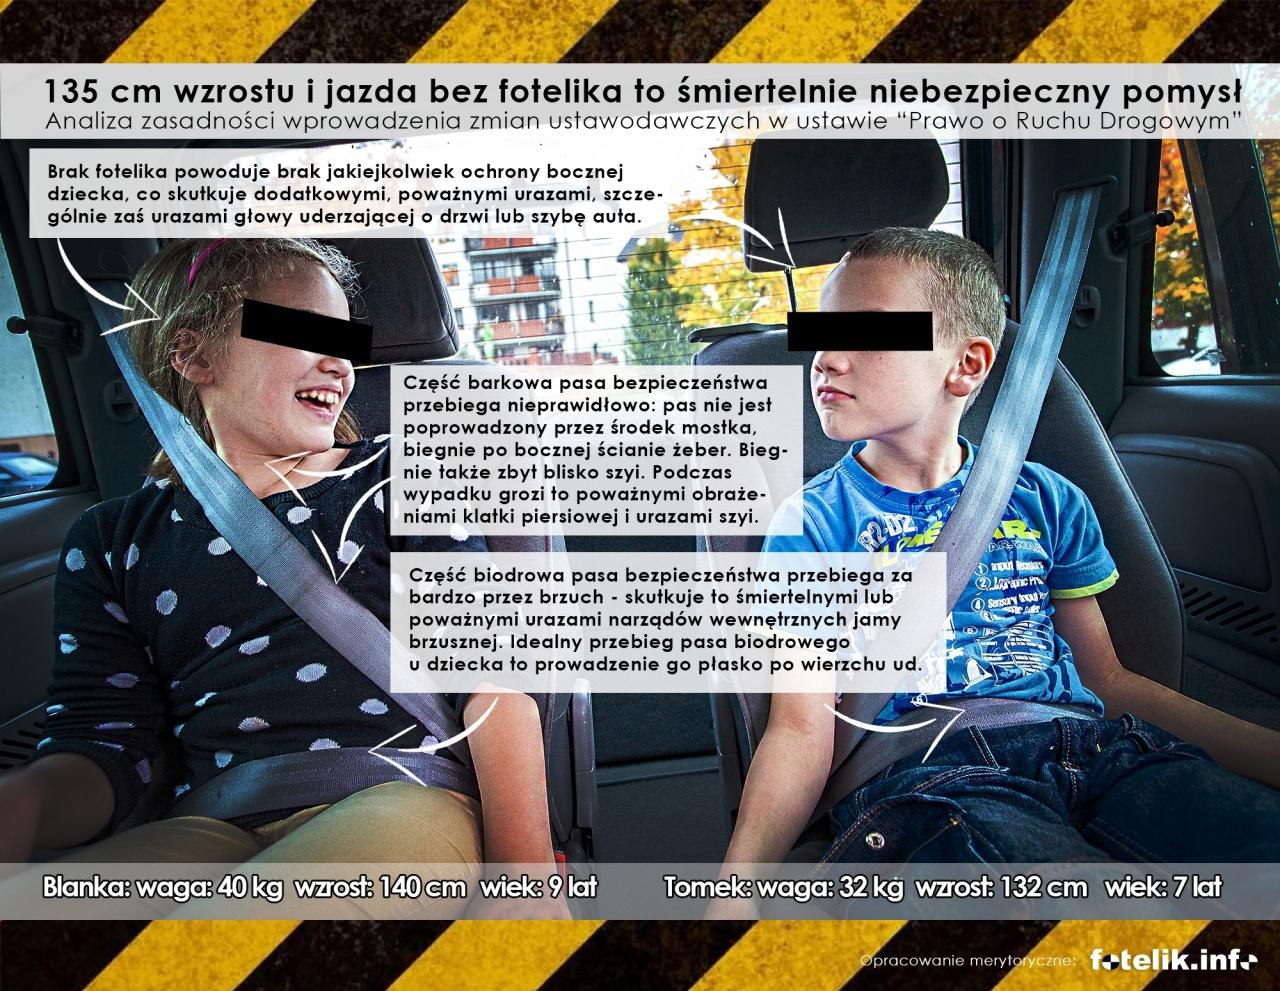 Według opinii ekspertów proponowane zmiany w prawie, dotyczące fotelików samochodowych, zagrażają bezpieczeństwu dzieci